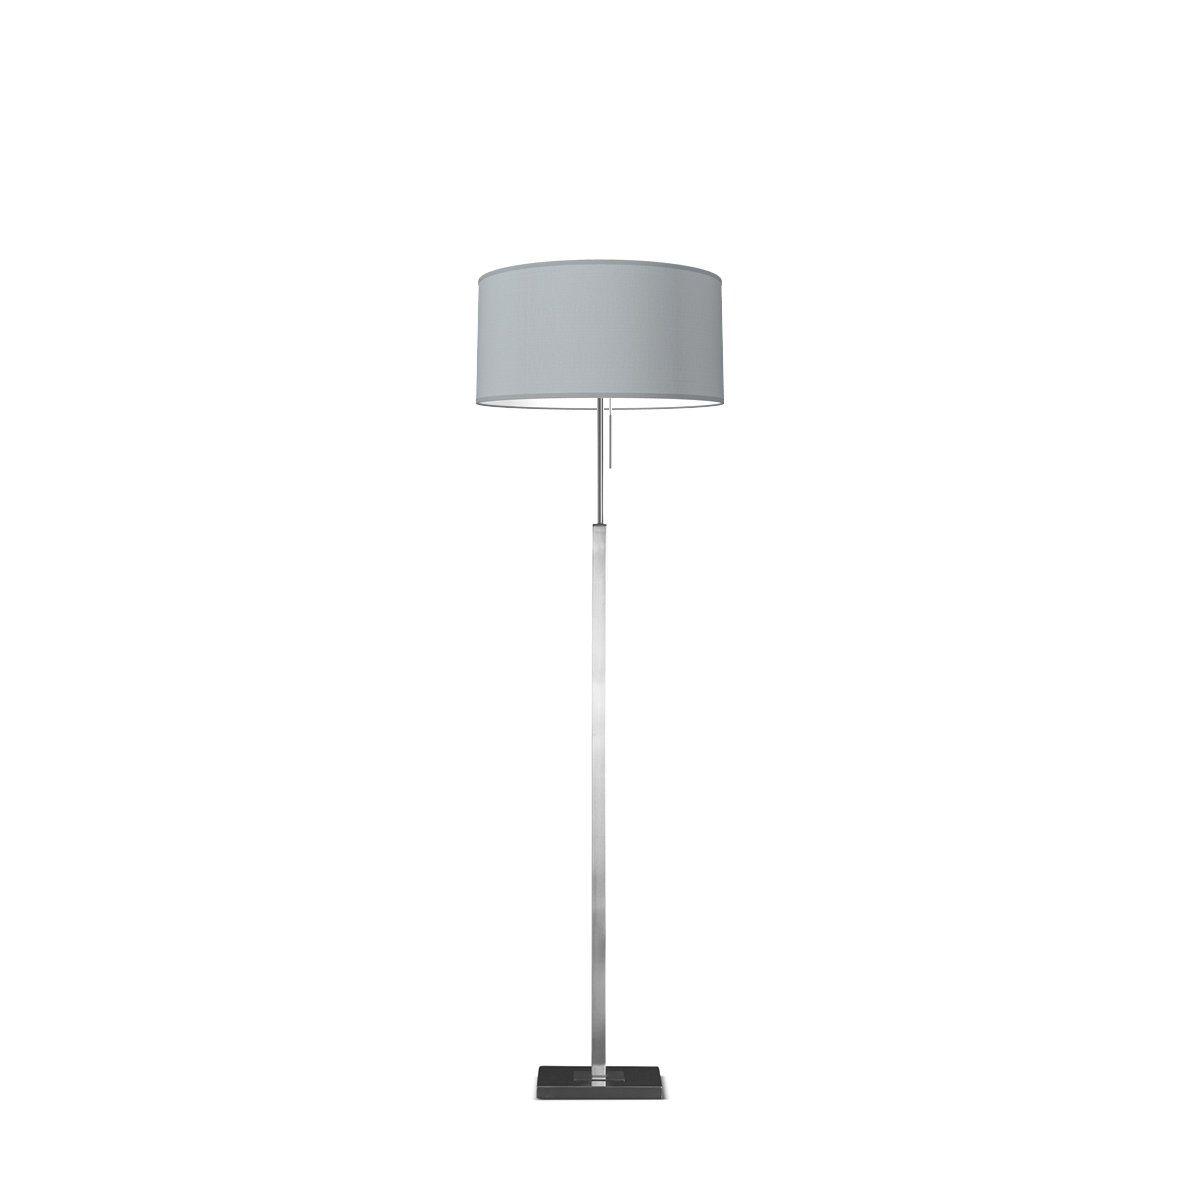 vloerlamp Pull bling Ø 50 cm - lichtgrijs